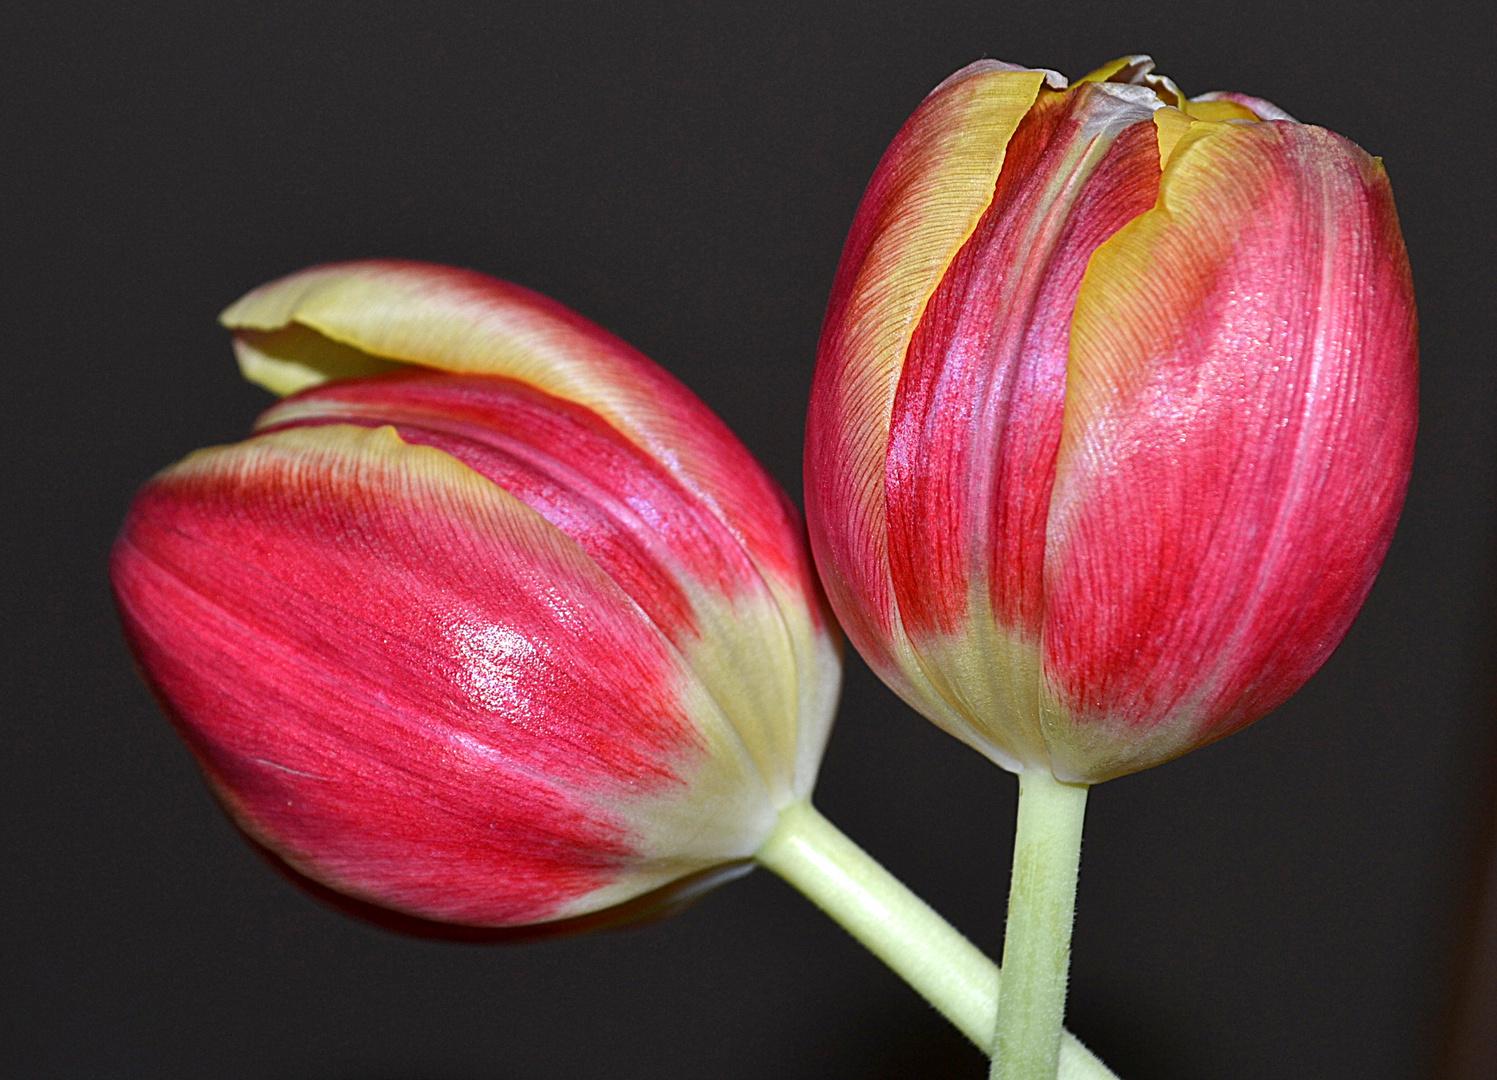 Il profumato e  colorato abbraccio